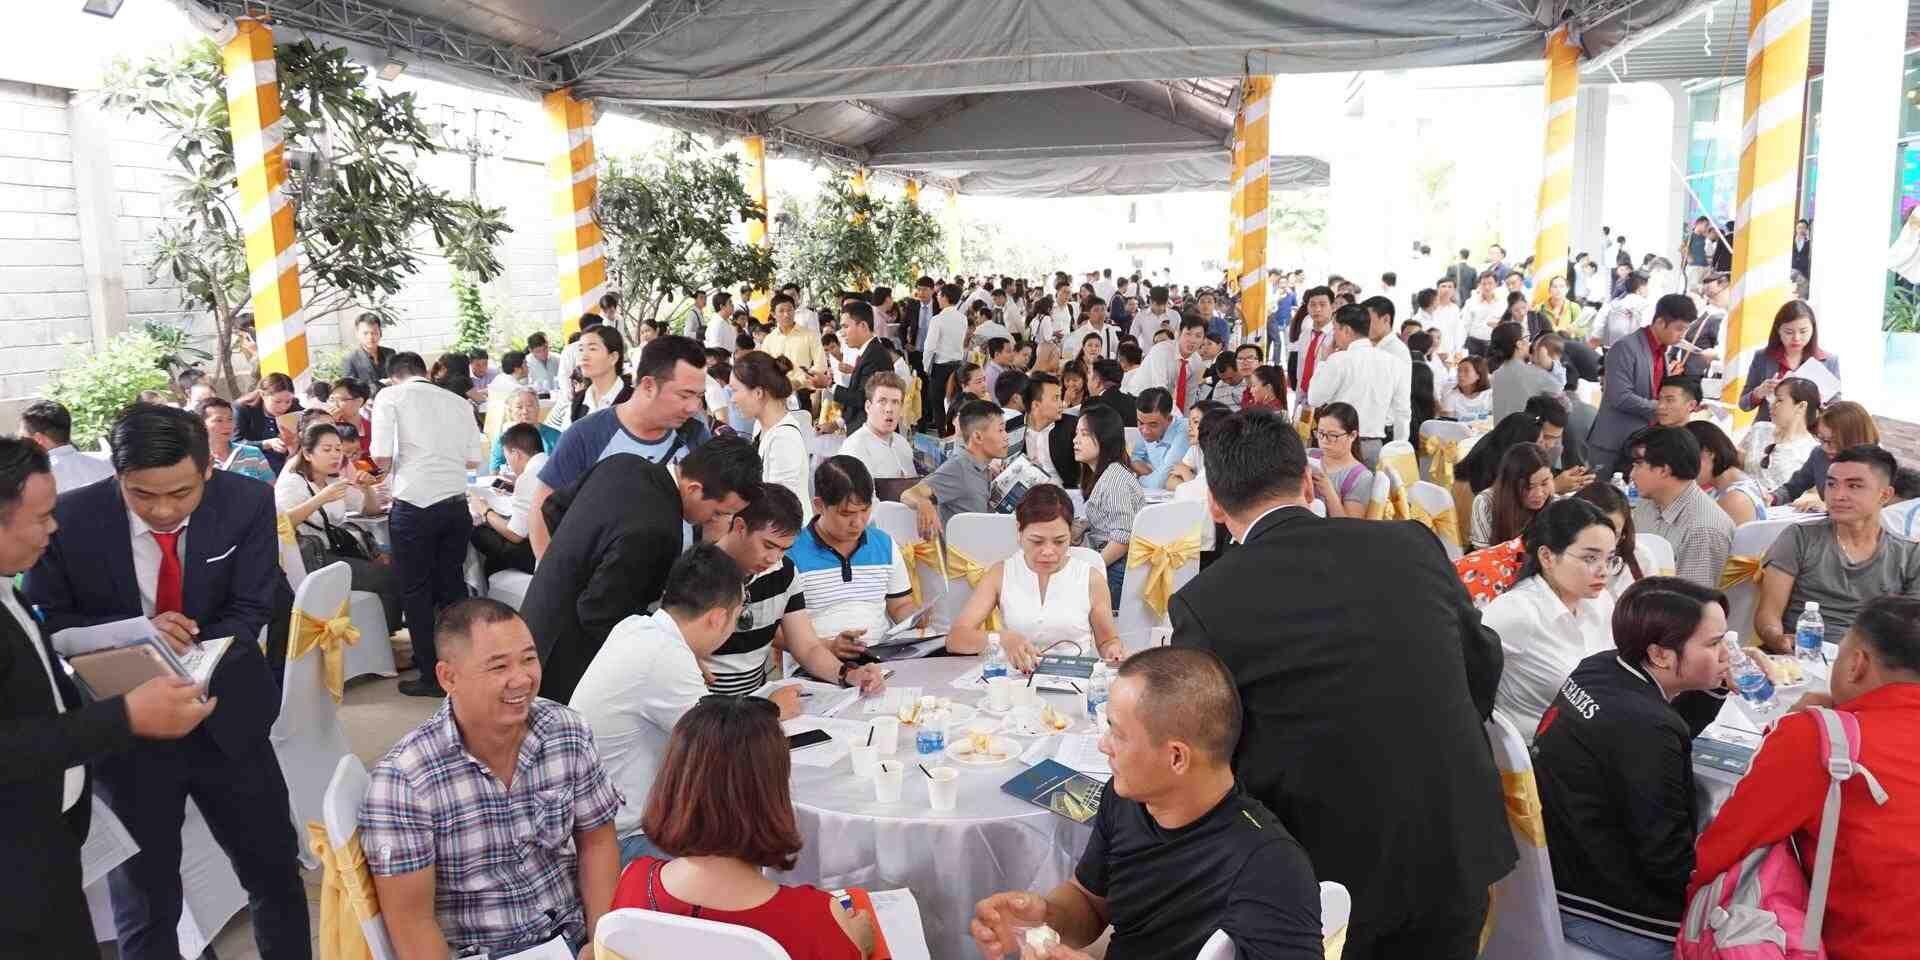 hơn 1000 khách hàng tham dự lễ mở bán căn hộ Phú Đông Premier giai đoạn 1